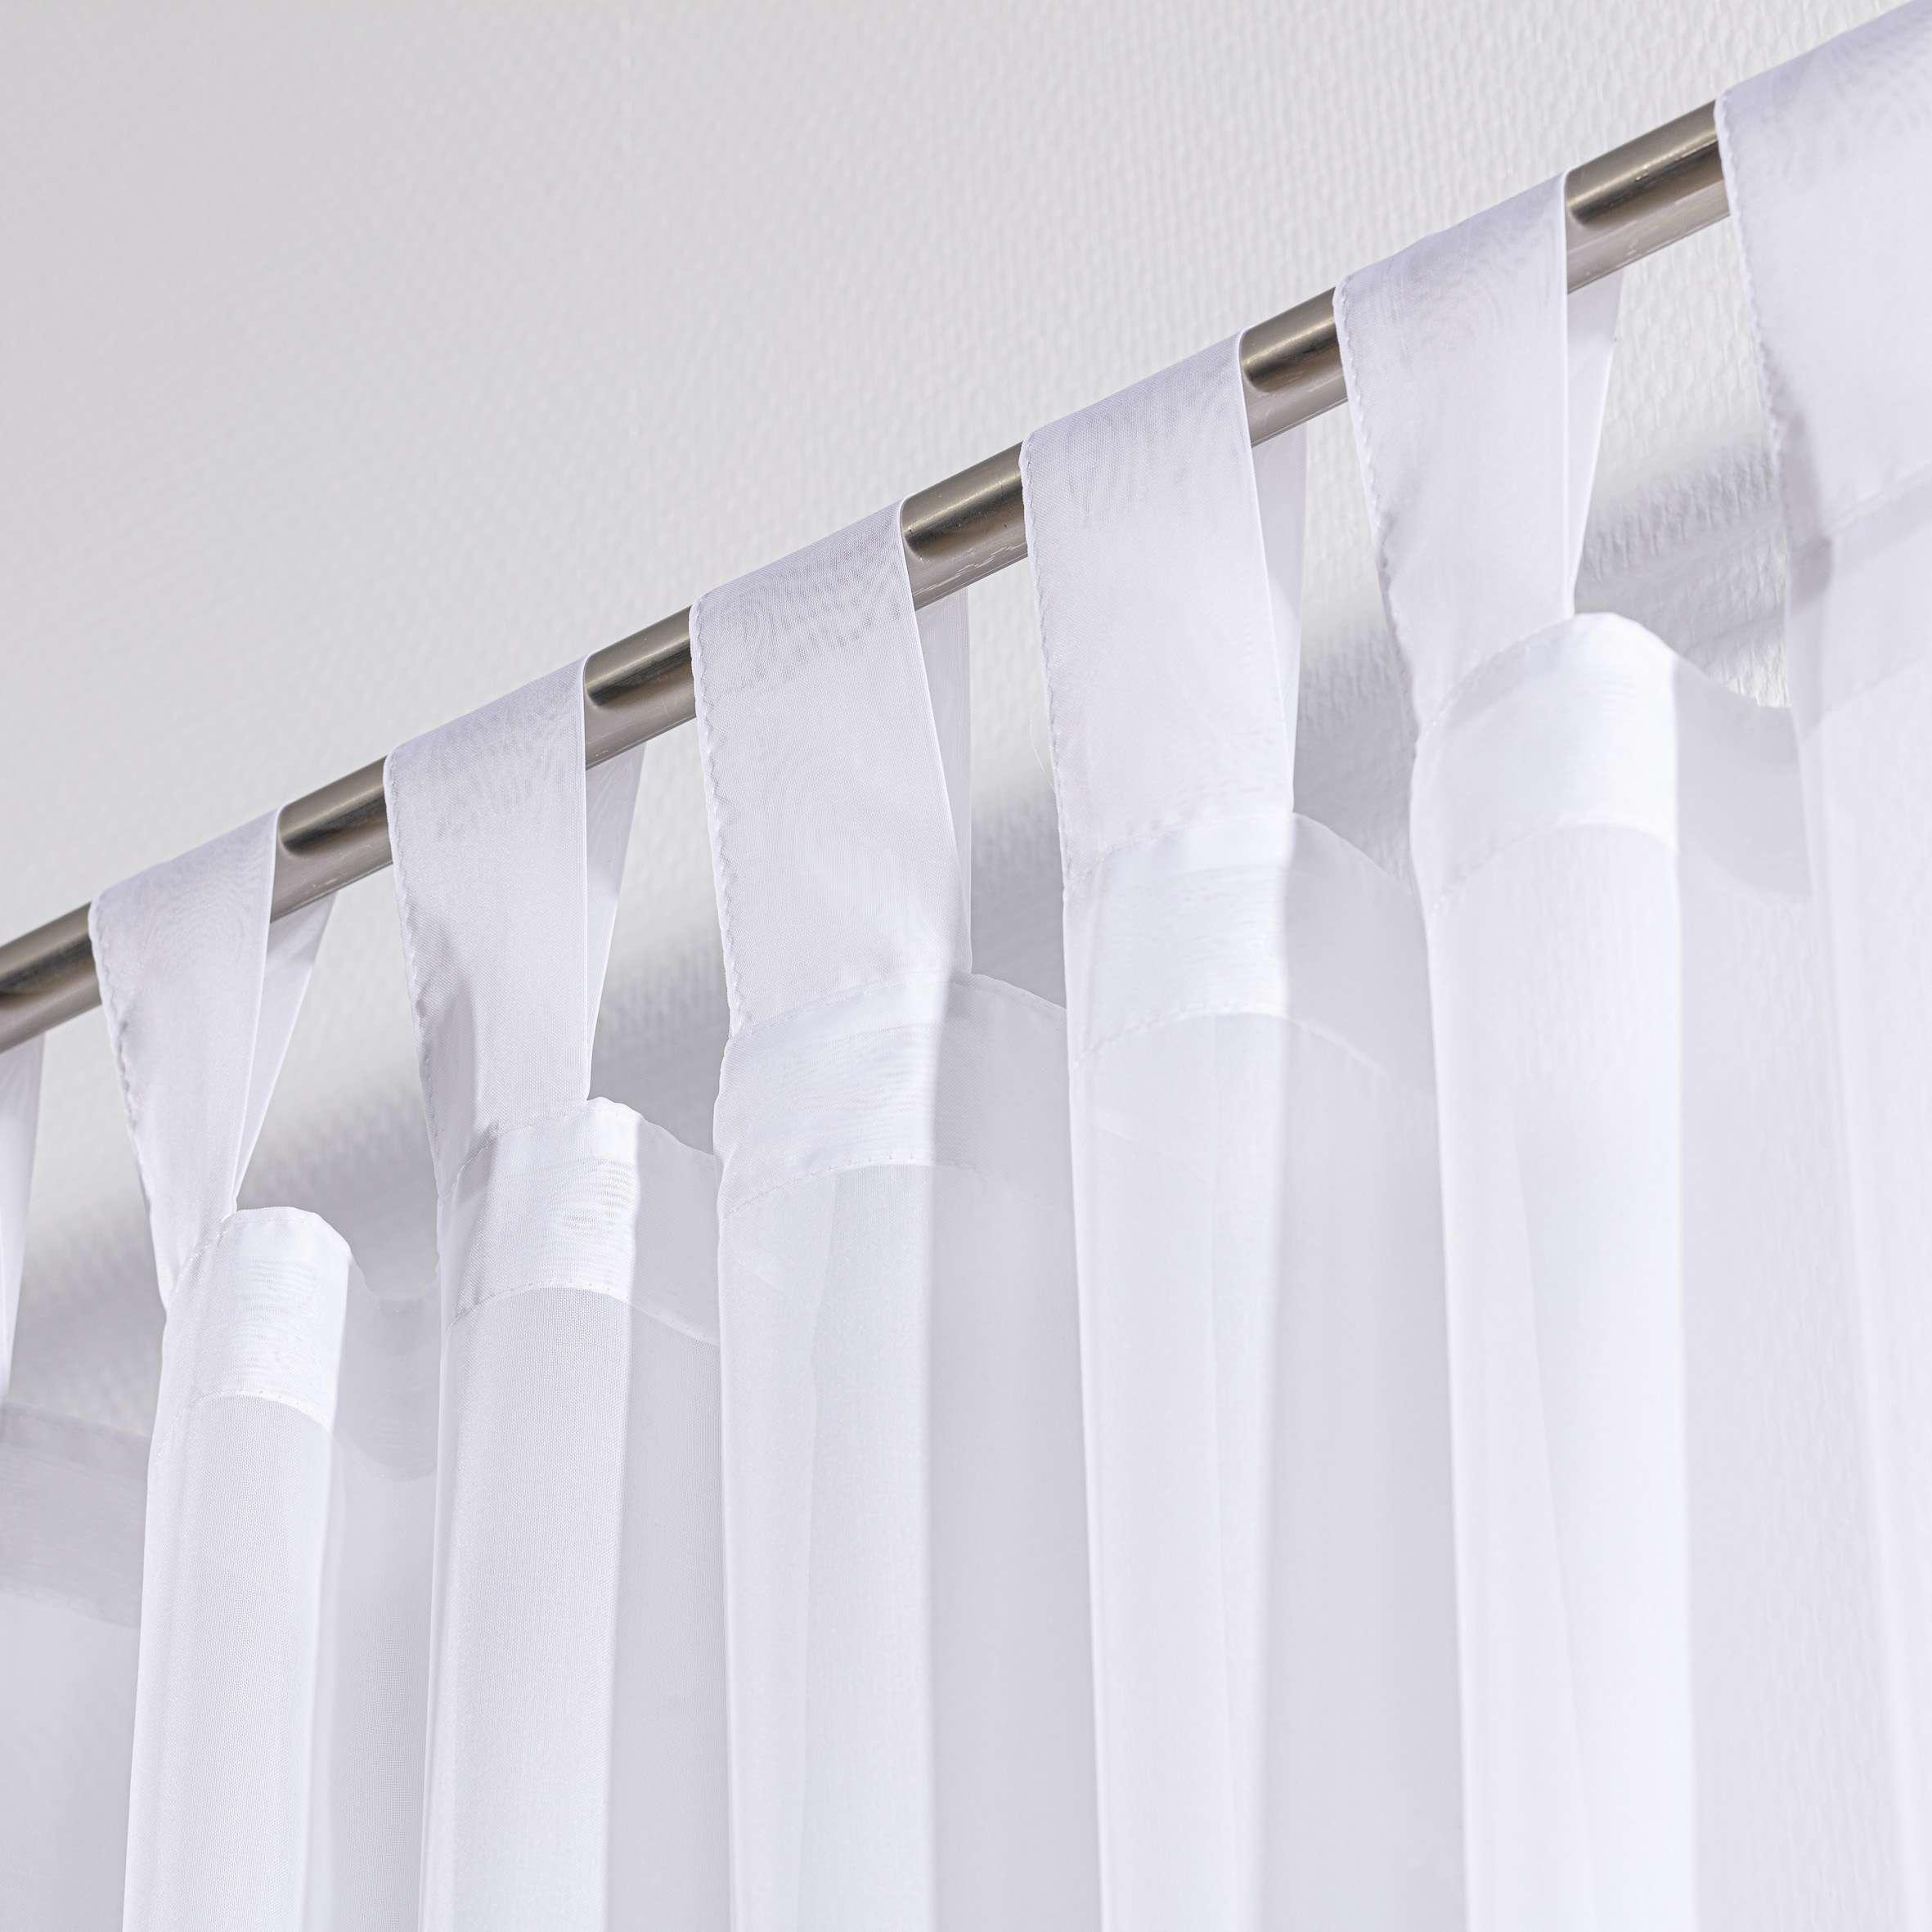 Záclona z voálu na pútkach  300x260cm V kolekcii Záclona hladká, tkanina: 900-00